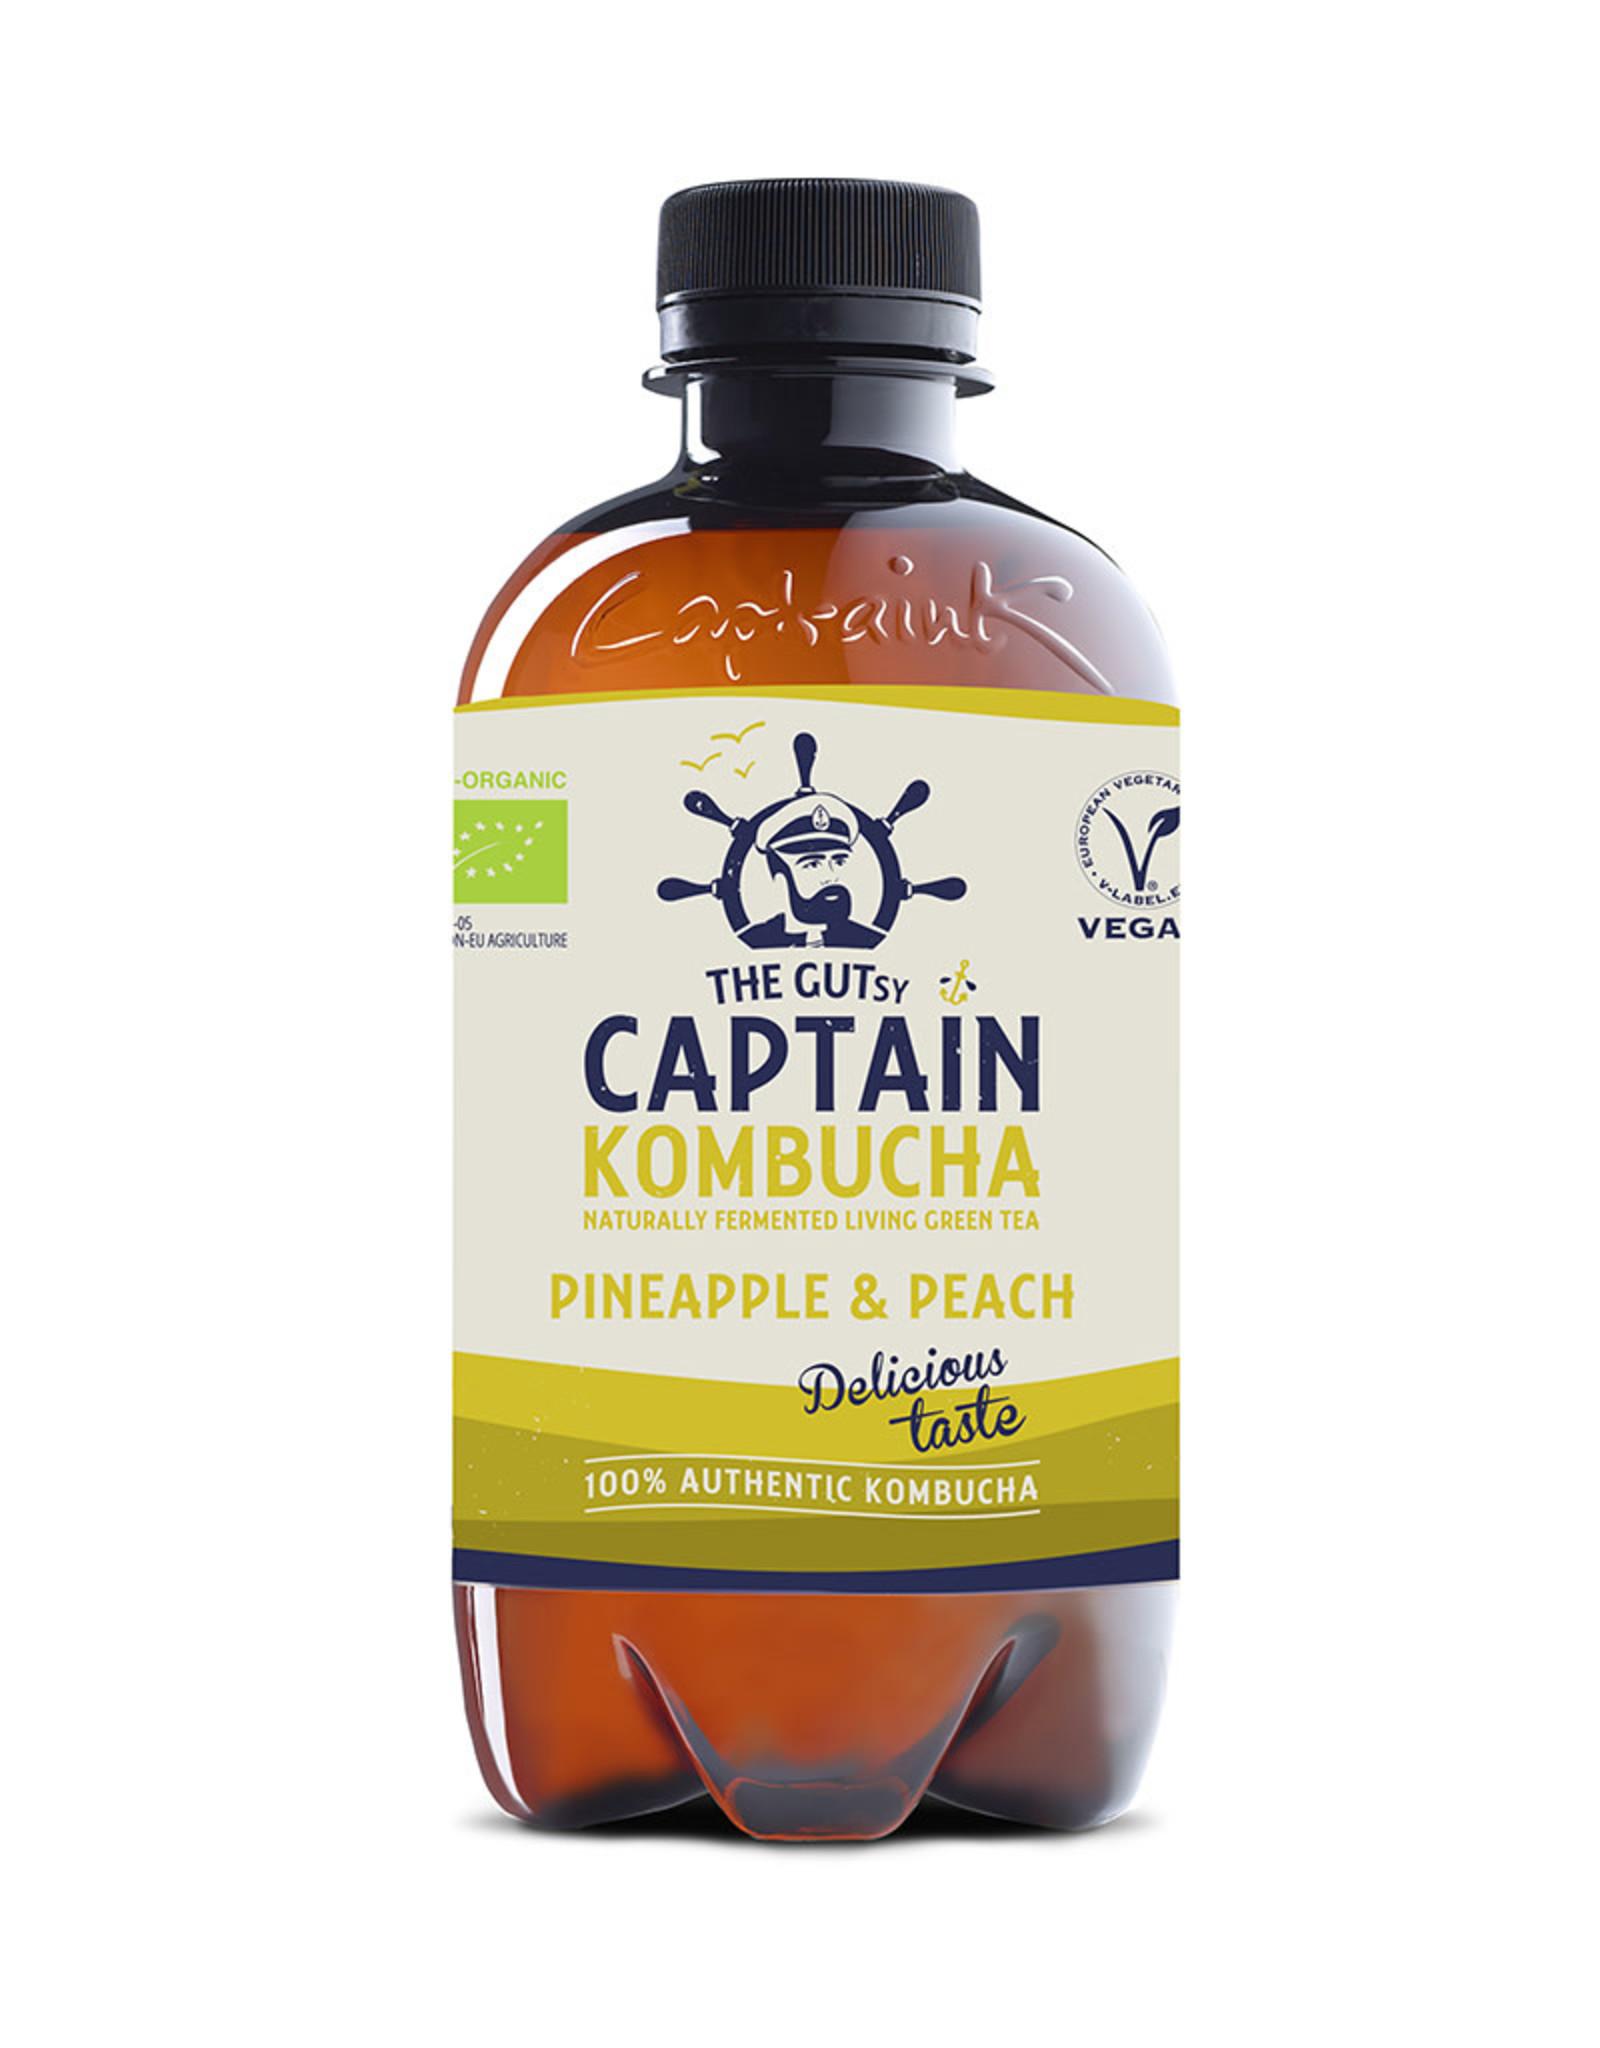 Captain Kombucha Captain Kombucha - Pineapple & Peach